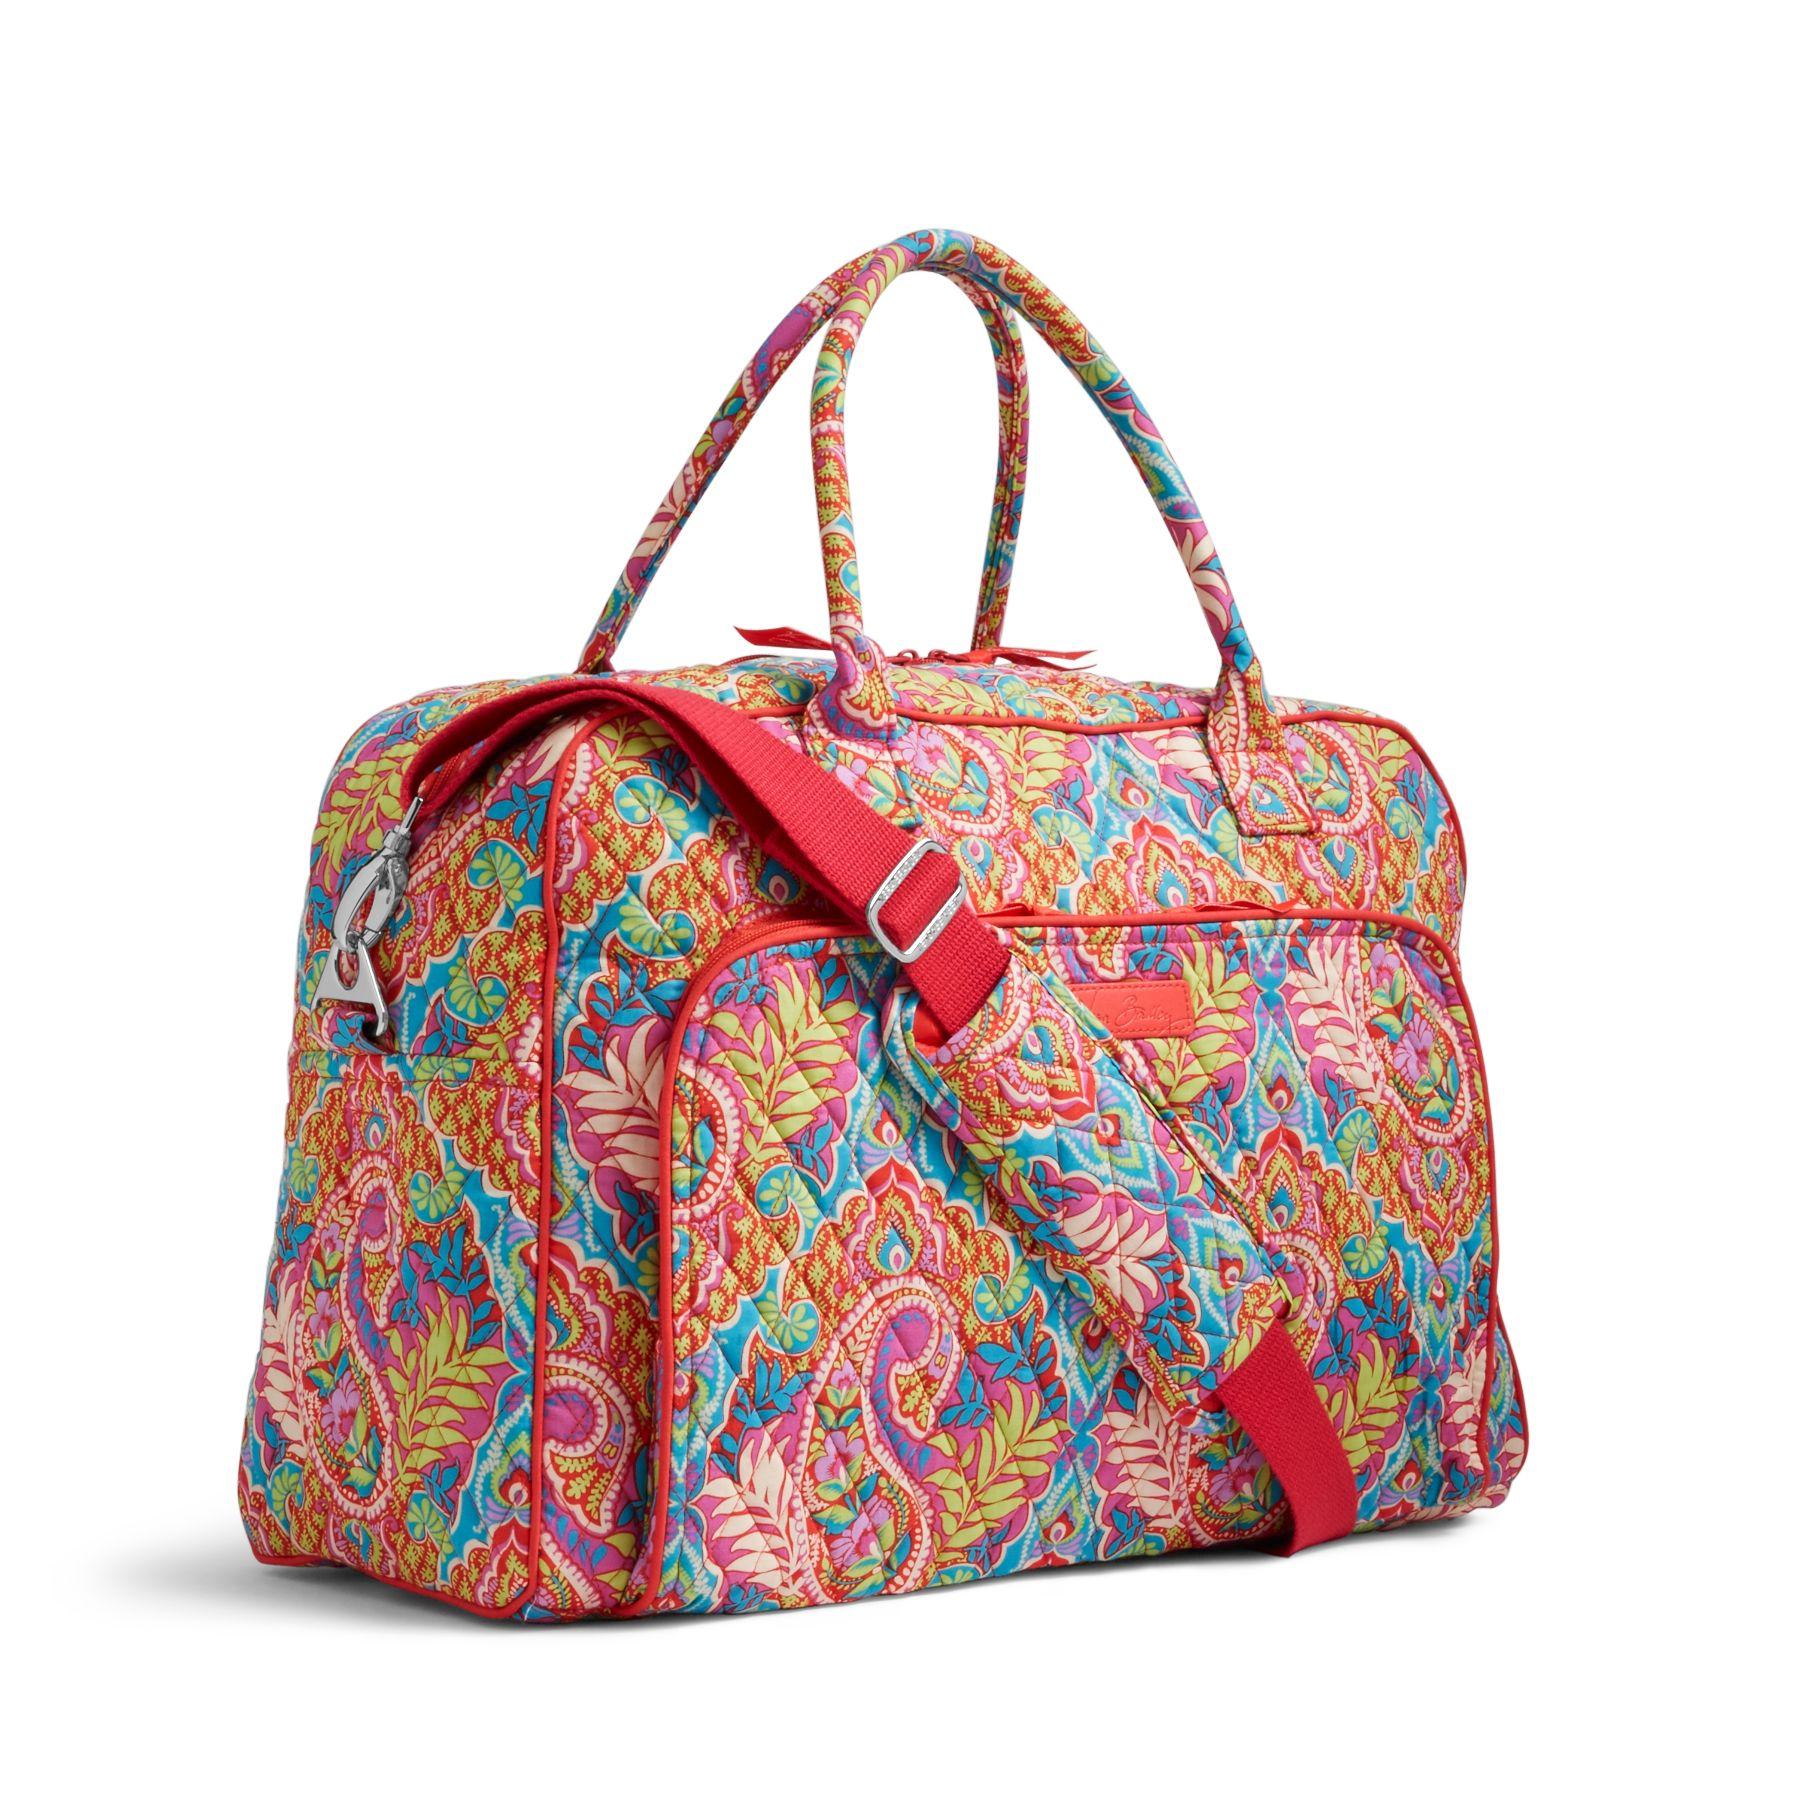 vera bradley weekender duffel travel bag ebay